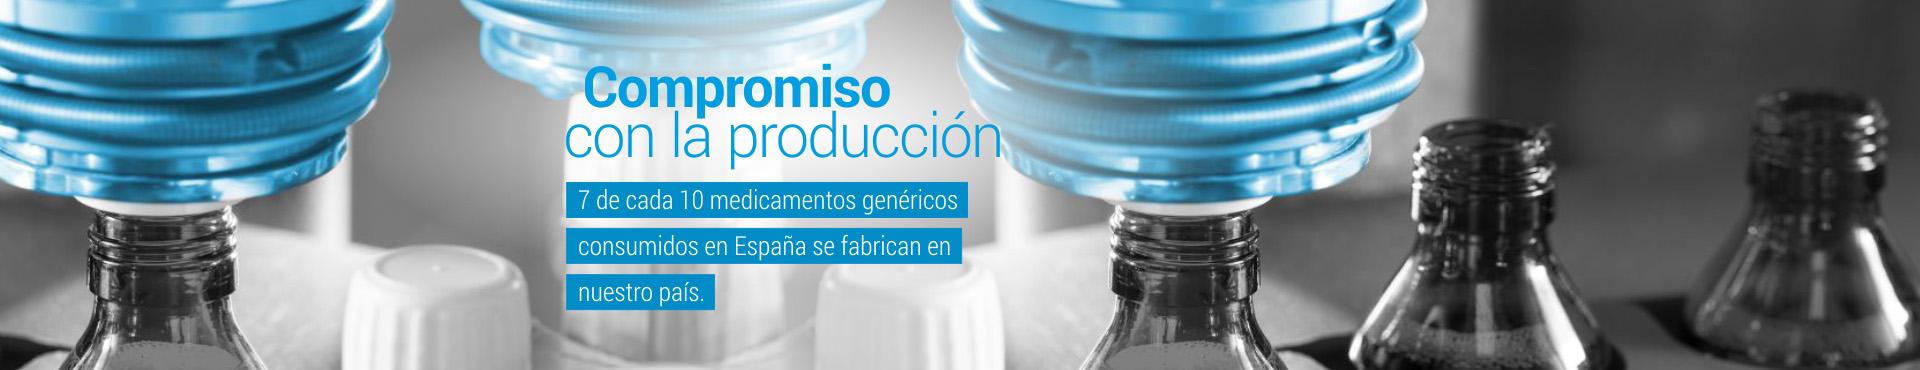 banner-canales-compromiso-produccion2